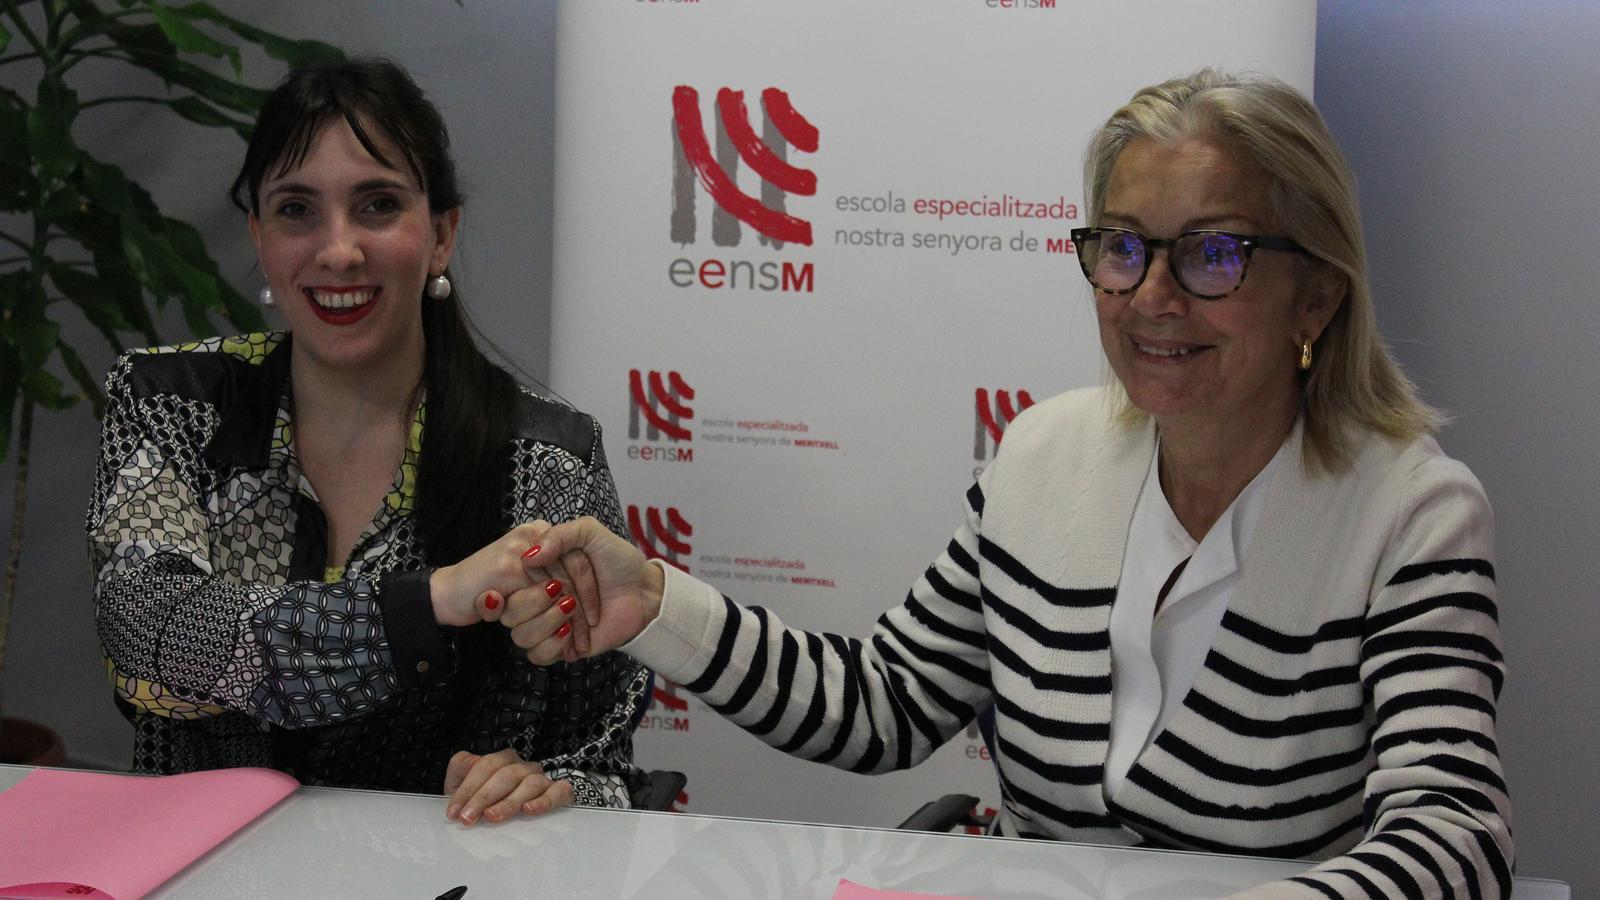 Jonaina Salvador, responsable d'Andorra Lírica, i Maria Pilar Diez, presidenta de la junta rectora de l'EENSM signen la renovació de l'acord de col·laboració entre les dues entitats. / M. R. F. (ANA)